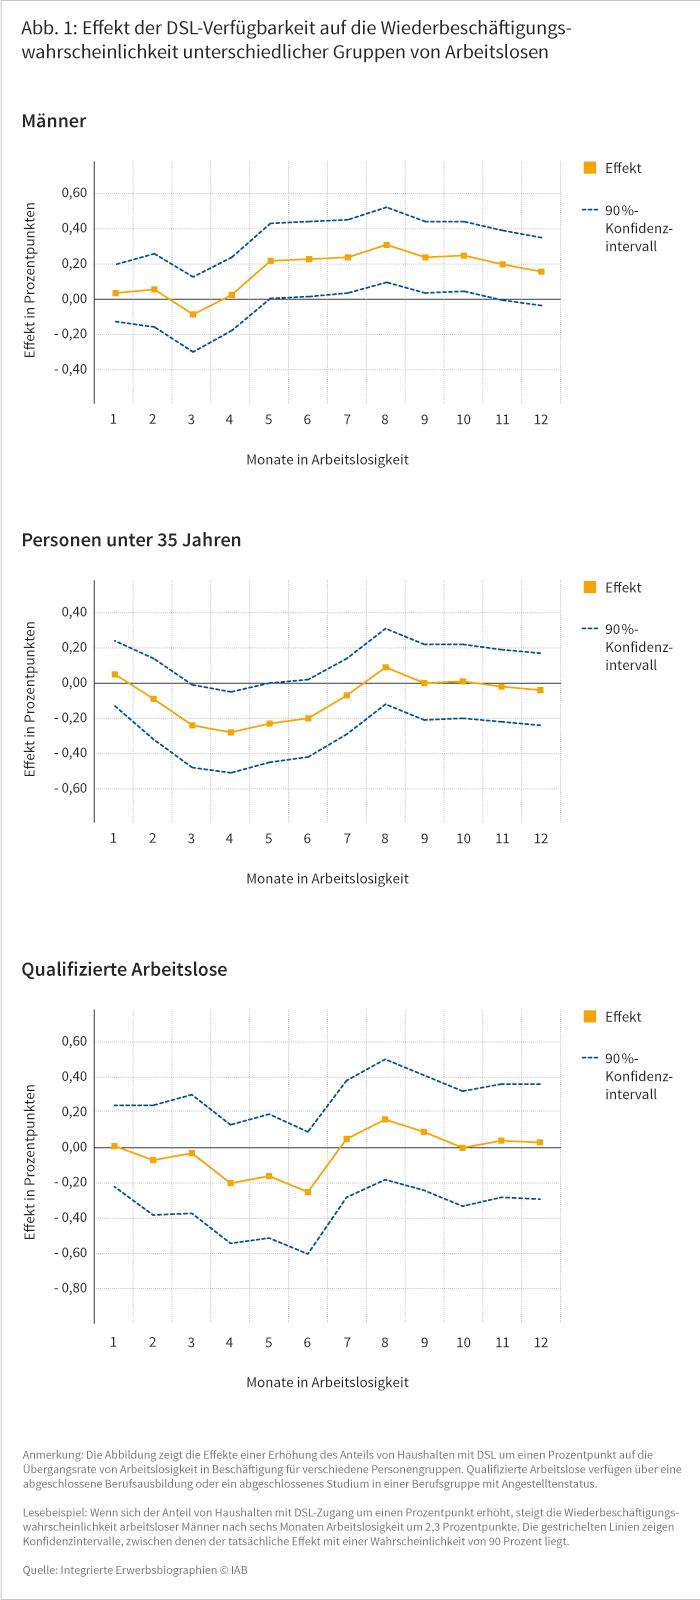 Effekt der DSL-Verfügbarkeit auf die Wiederbeschäftigungswahrscheinlichkeit unterschiedlicher Gruppen von Arbeitslosen